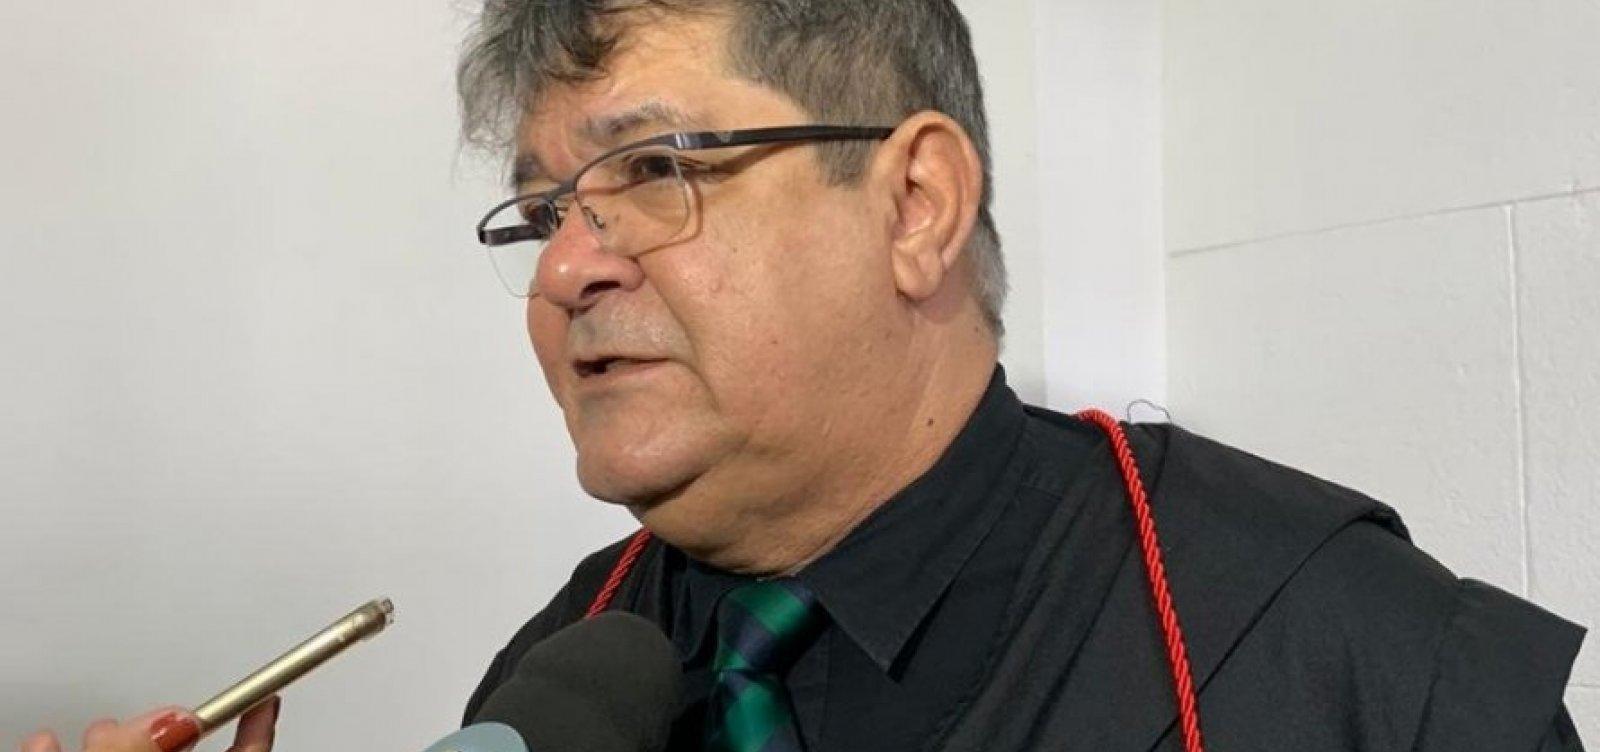 'A gente espera que ele não pegue menos de 20 anos', diz Davi Gallo sobre acusado de matar Moa do Katendê